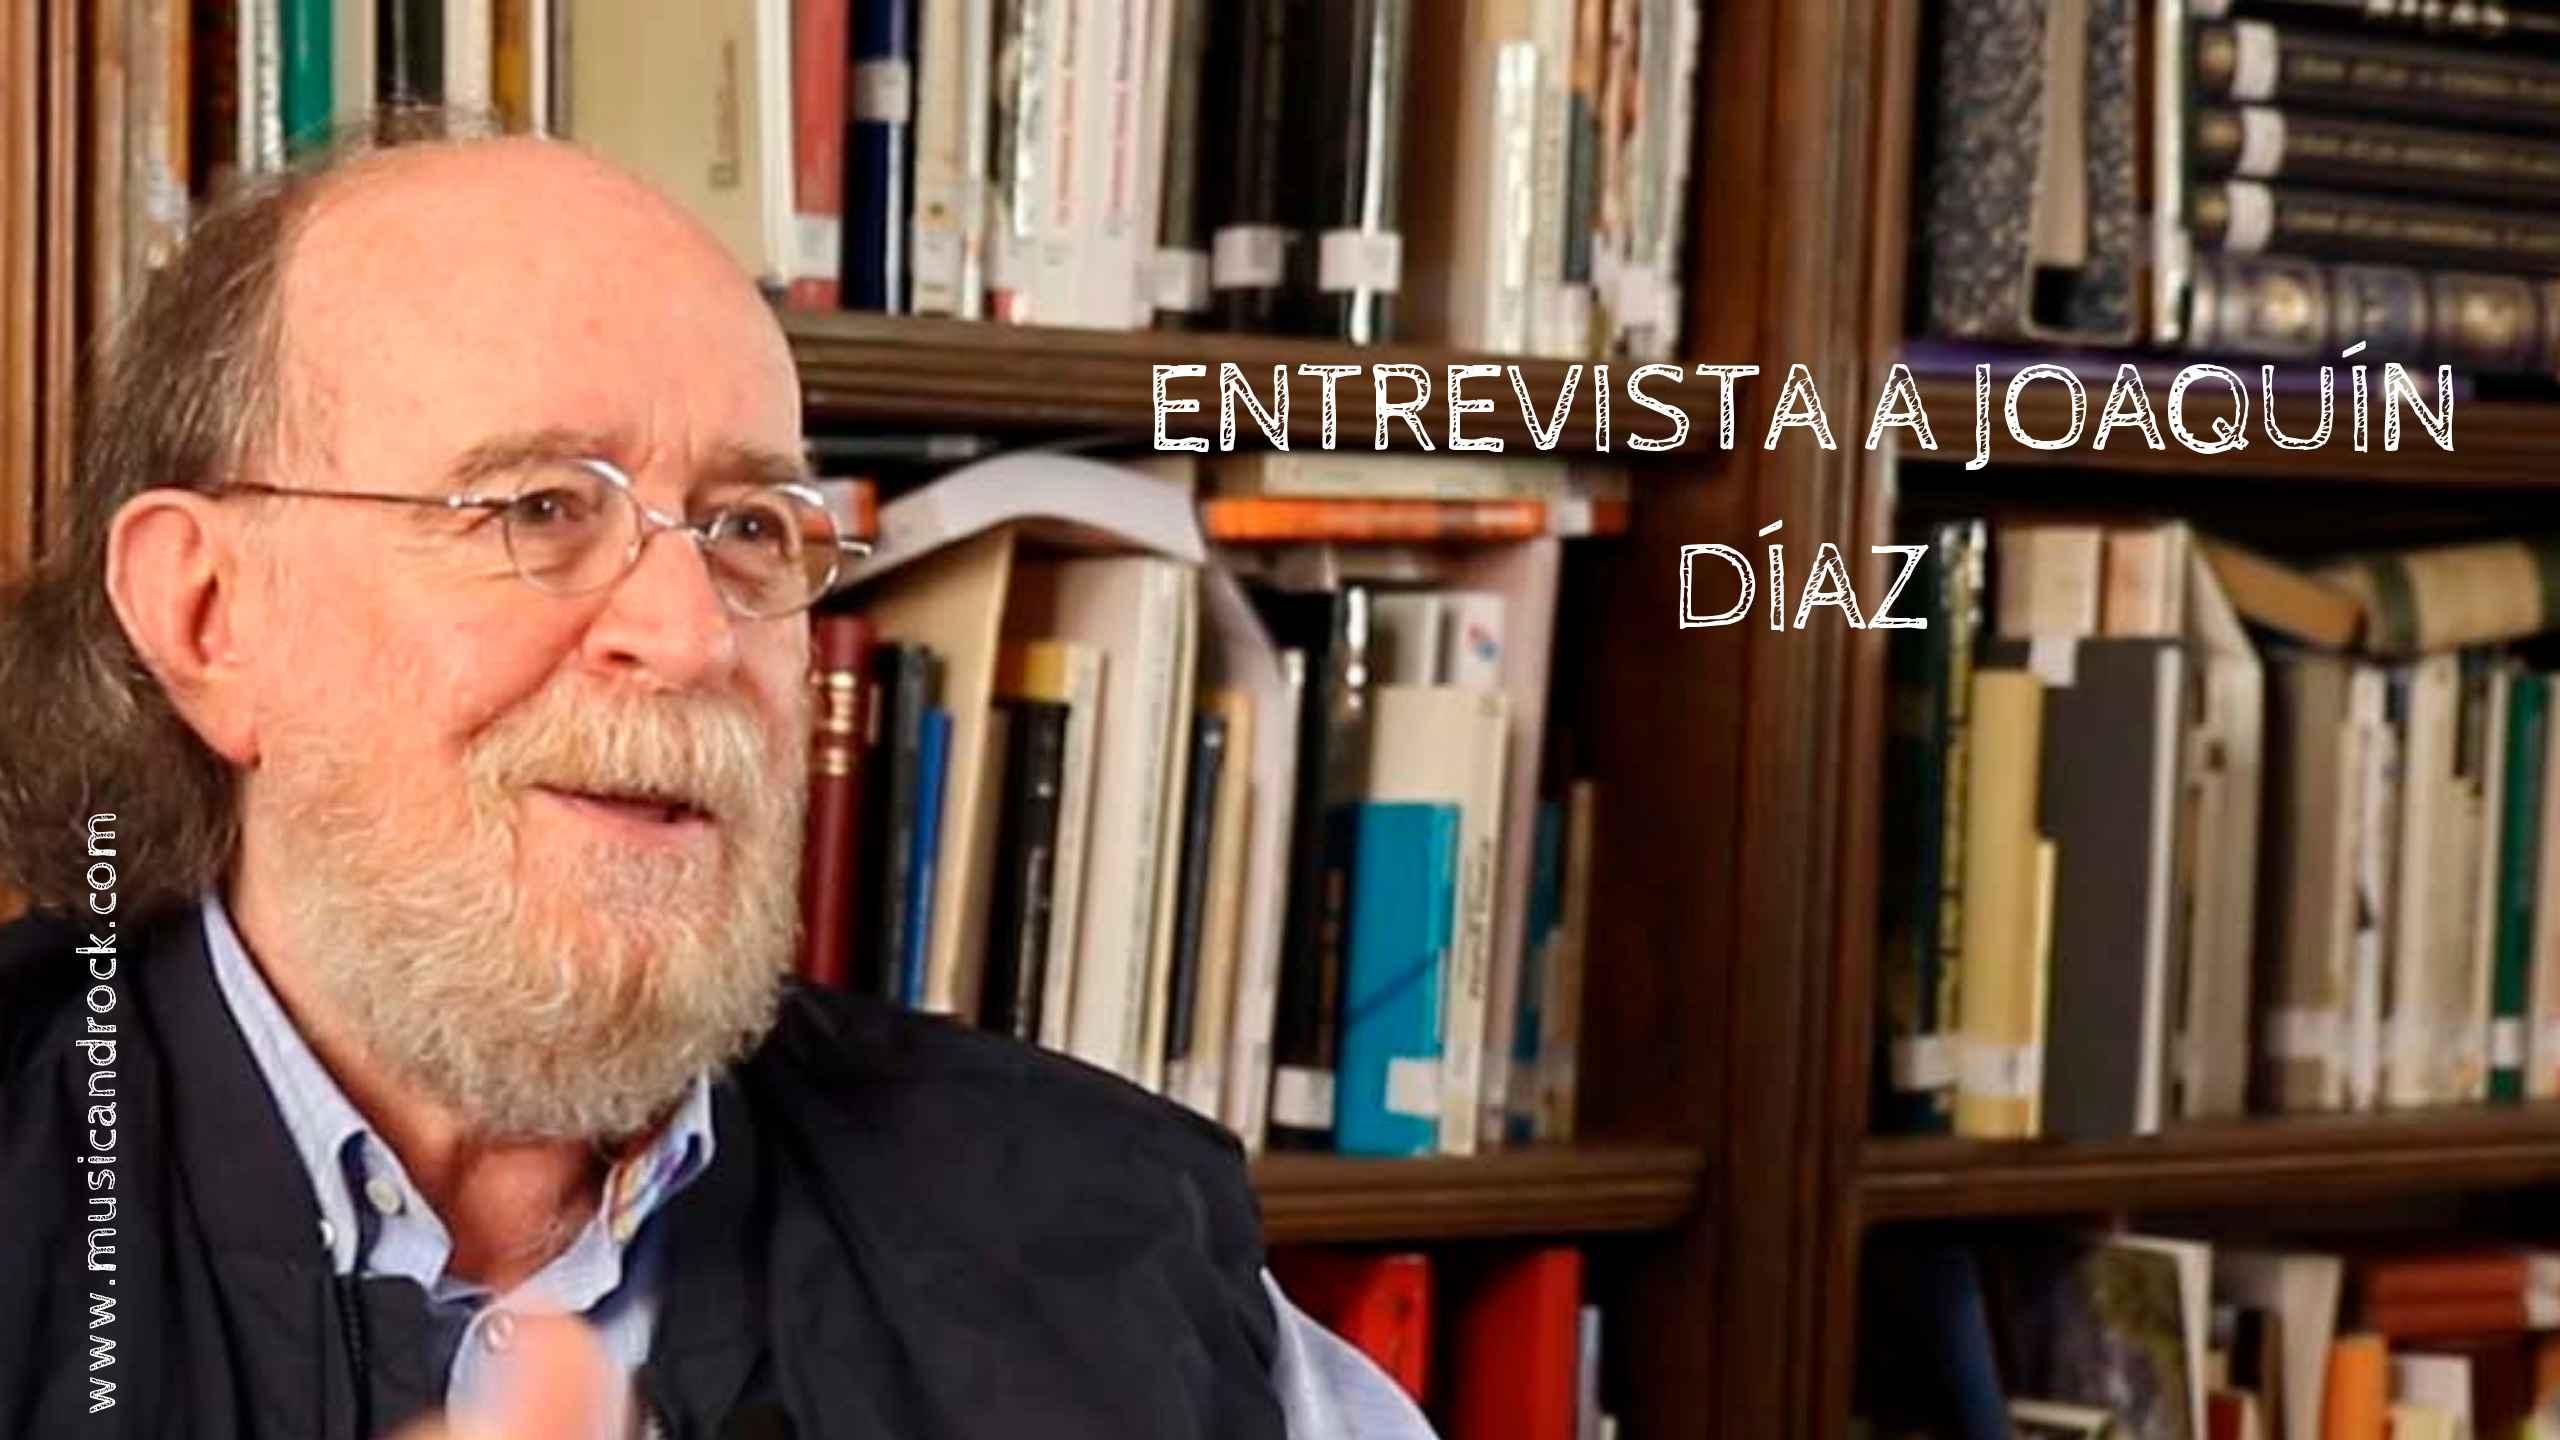 """Entrevista a Joaquín Díaz, músico: «Lo bueno que tienen las modas es que cambian. No las vamos a soportar toda la vida, y entiendo que con el reguetón pasará igual»<span class=""""wtr-time-wrap block after-title""""><span class=""""wtr-time-number"""">31</span> minutos de lectura</span>"""